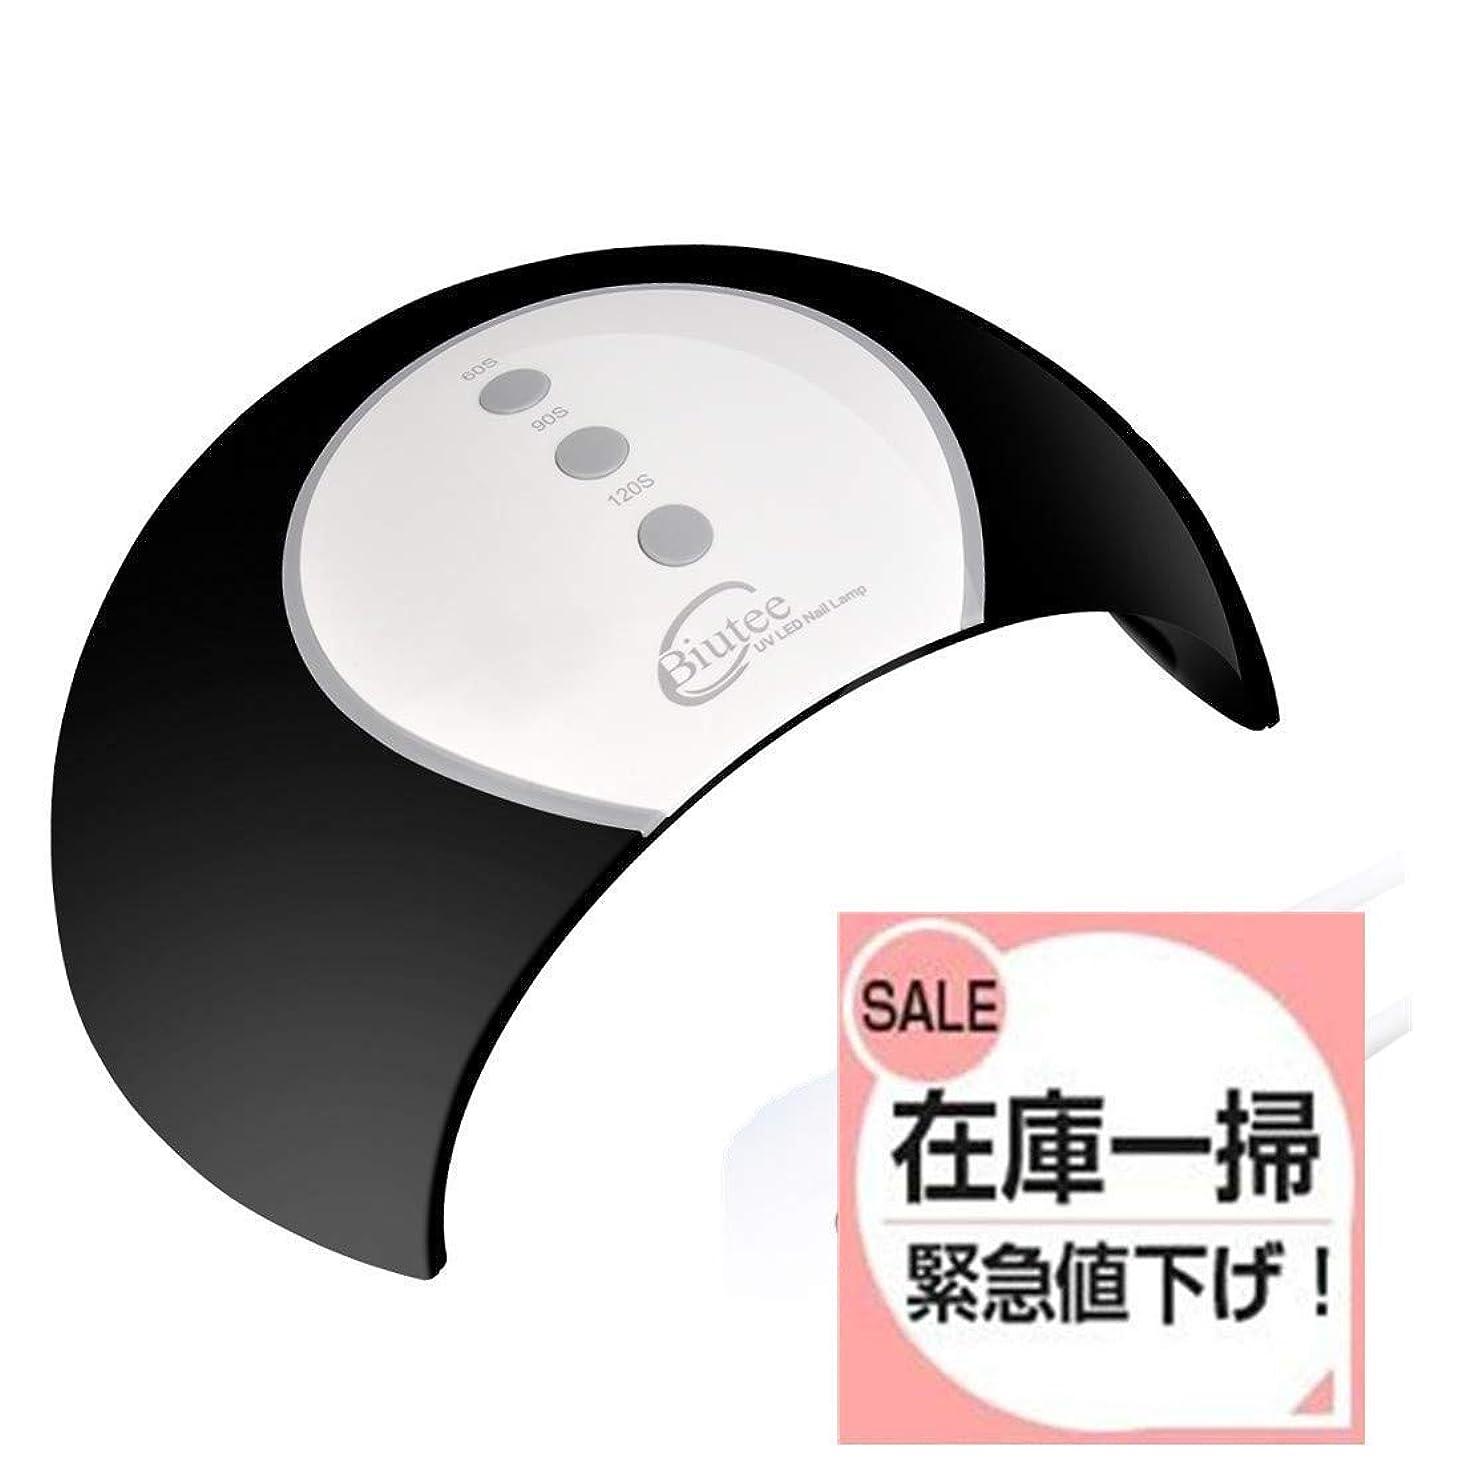 啓発する大腿革命24W ネイルライト USB充電 8個LED 60s 90s 120sタイマー 手足両用 自動センサー付き ネイルドライヤー UV LED ジェルネイルライト 日本語説明書付き